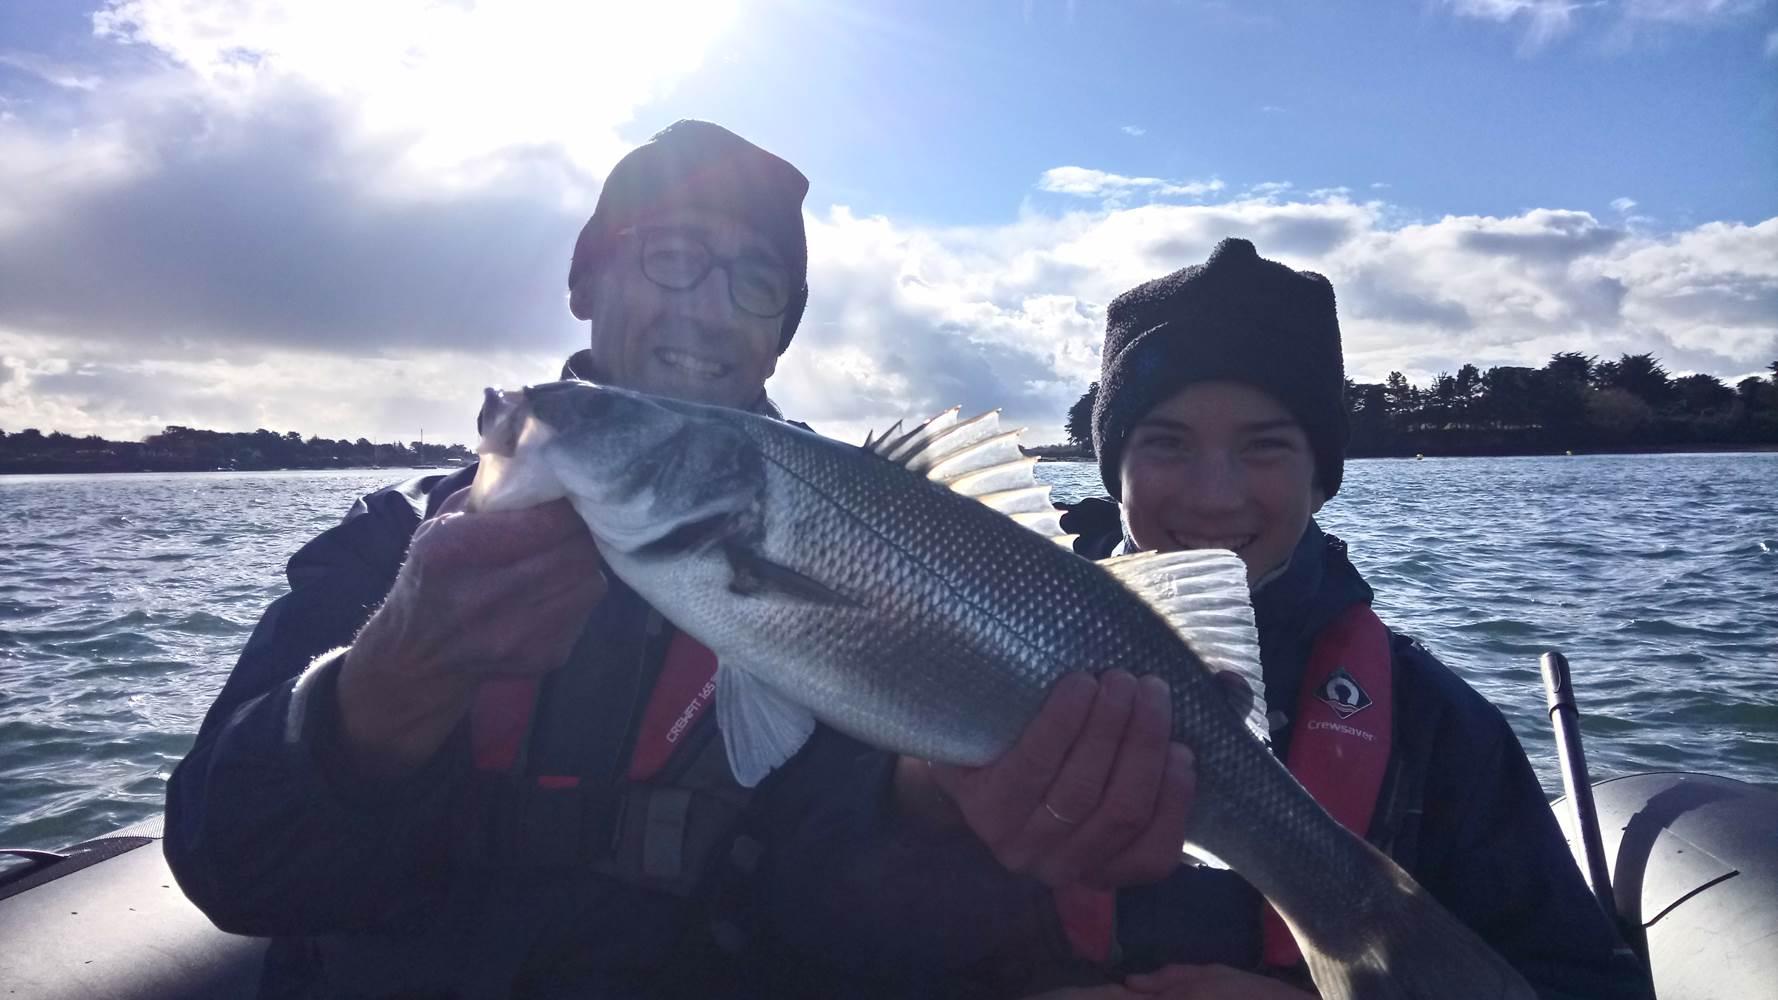 Une sortie pêche en mer réussie ! vive la pêche ! Vive le Golfe du Morbihan ! ©